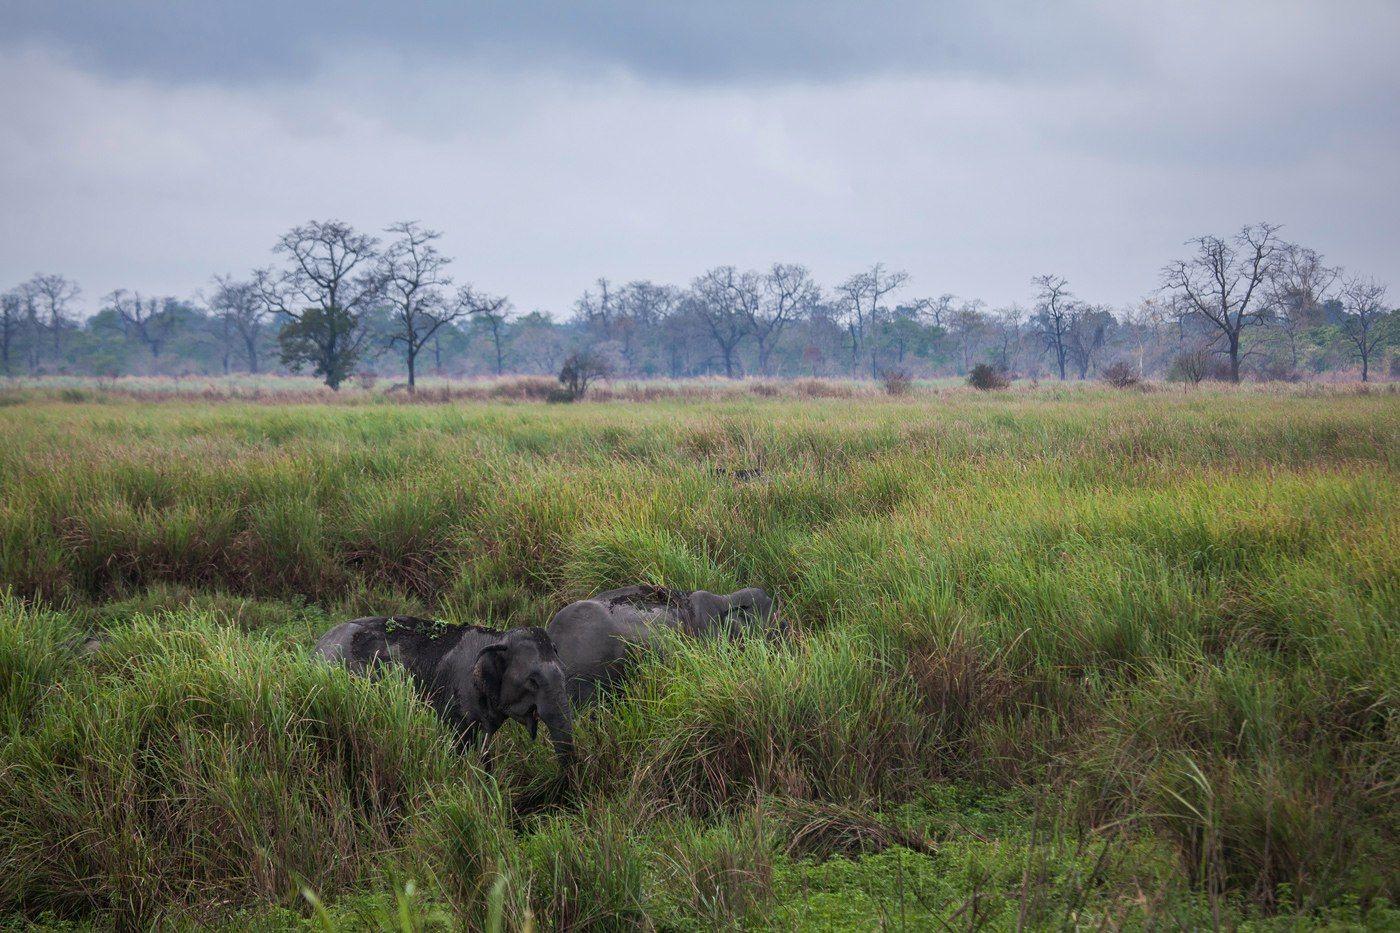 """""""Слоны прячутся в траве"""" Индия Казиранга национальный парк слоны животные путешествие"""